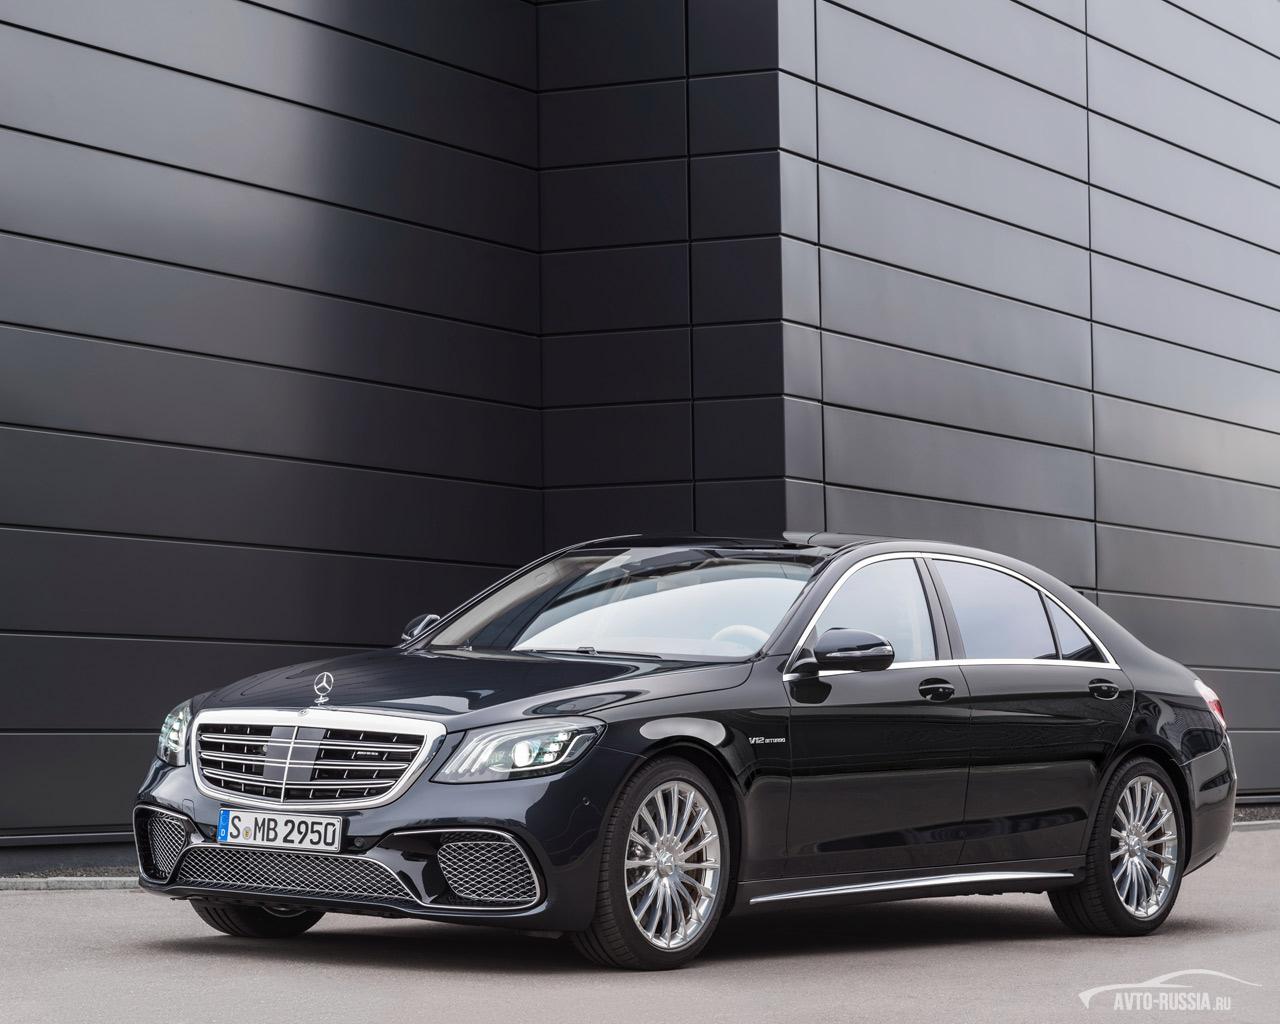 Mercedes S-class: цена, технические характеристики, фото Мерседес ...